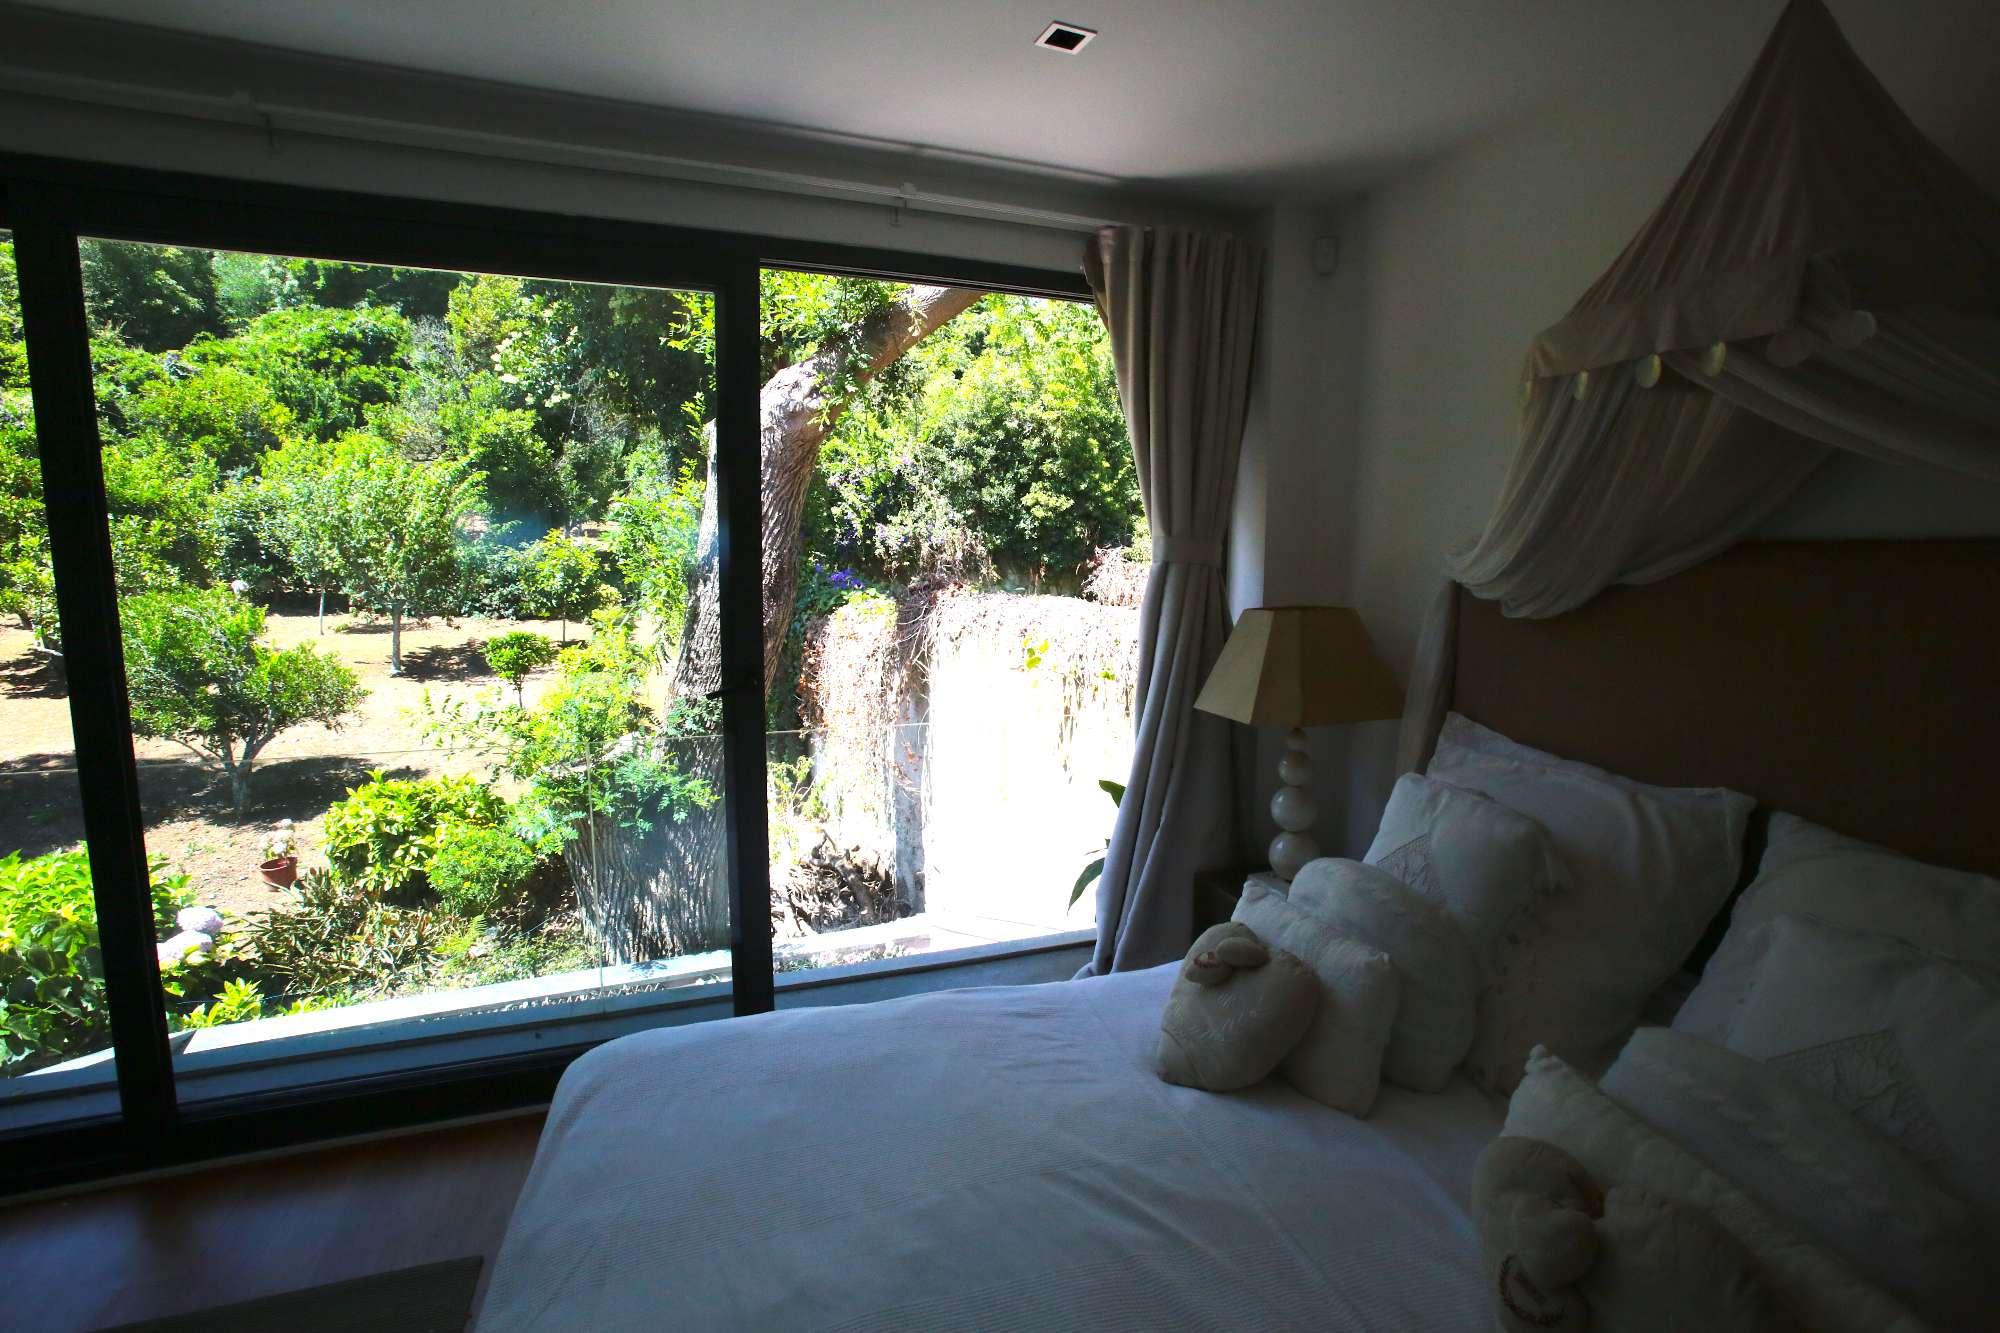 Maison normal 3 pièces, Sintra